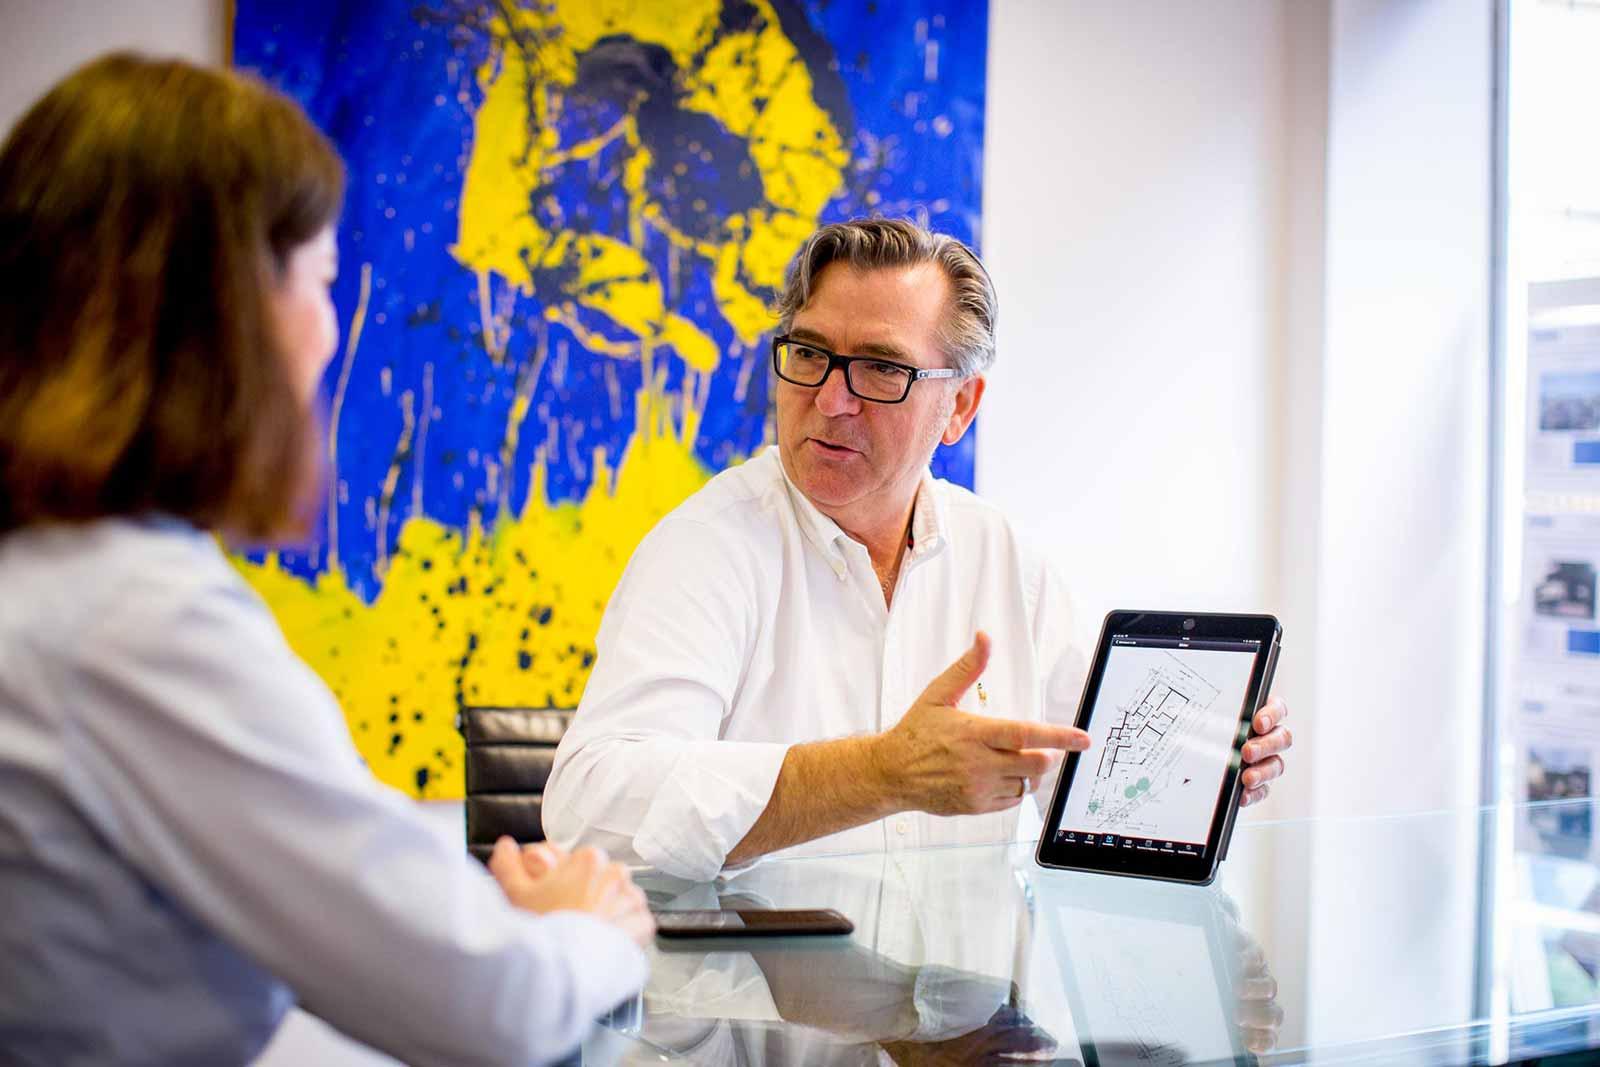 Brandt mit Tablett